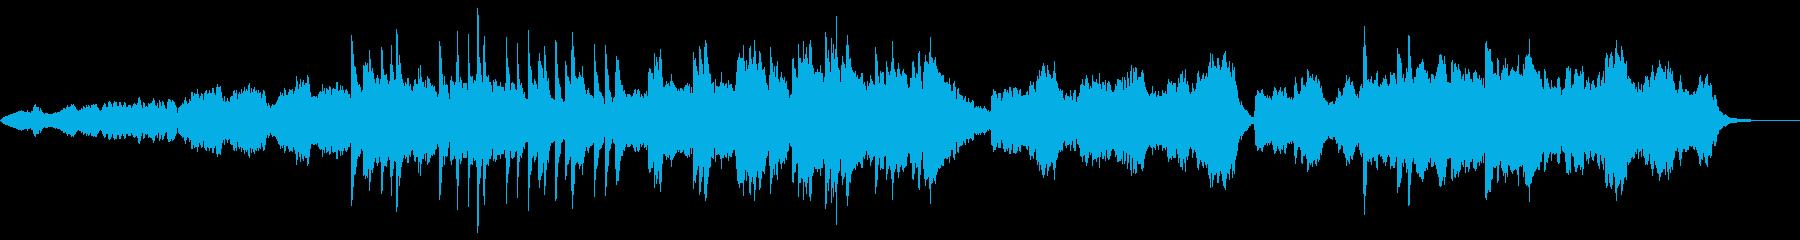 現代の交響曲 エーテル 憂鬱 悲し...の再生済みの波形